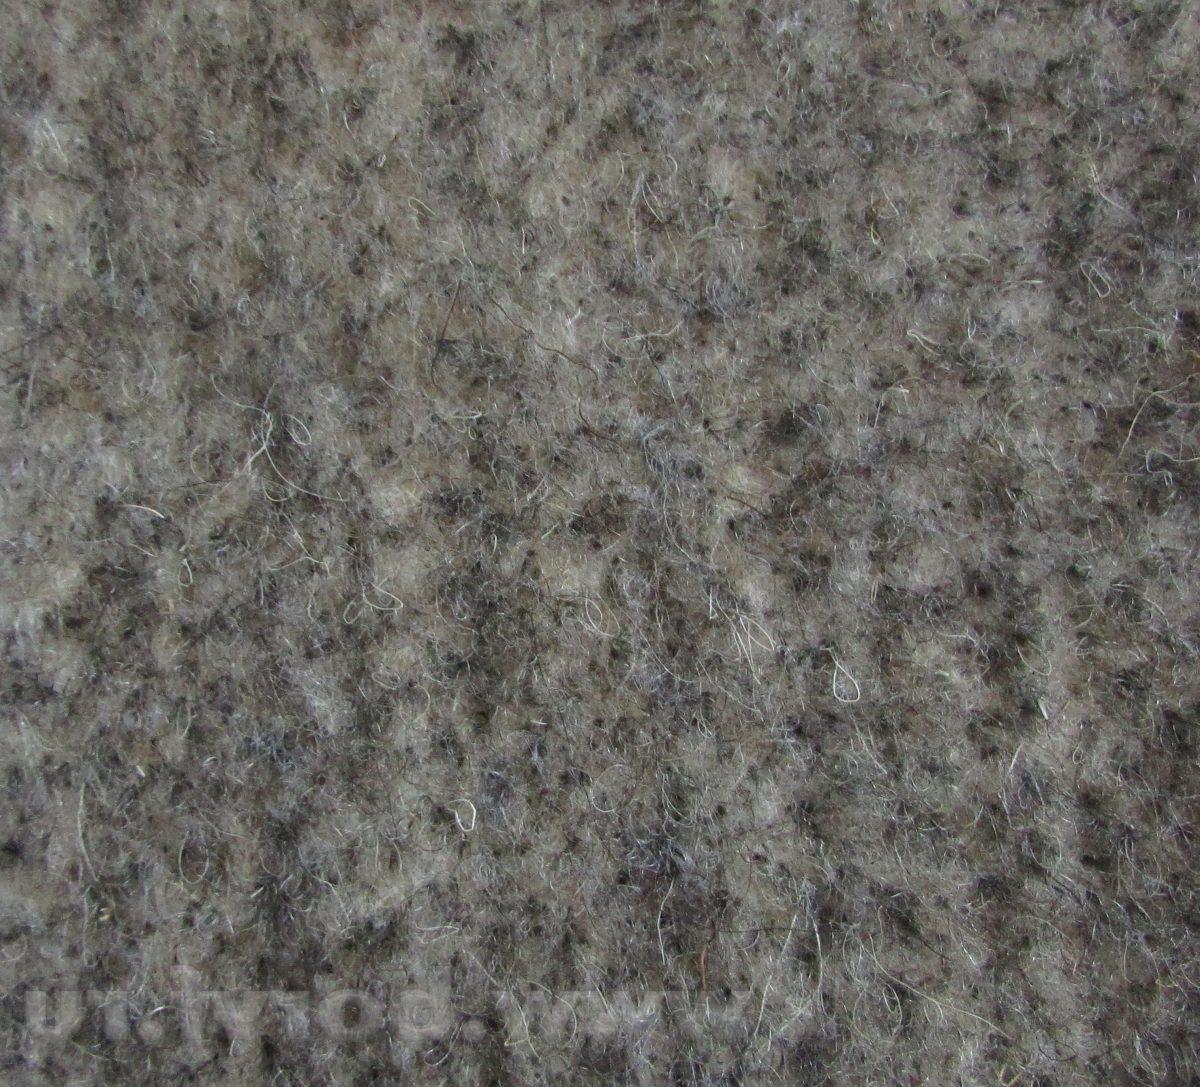 Войлок иглопробивной чистошерстяной ТУ 8161-021-05251899-2012